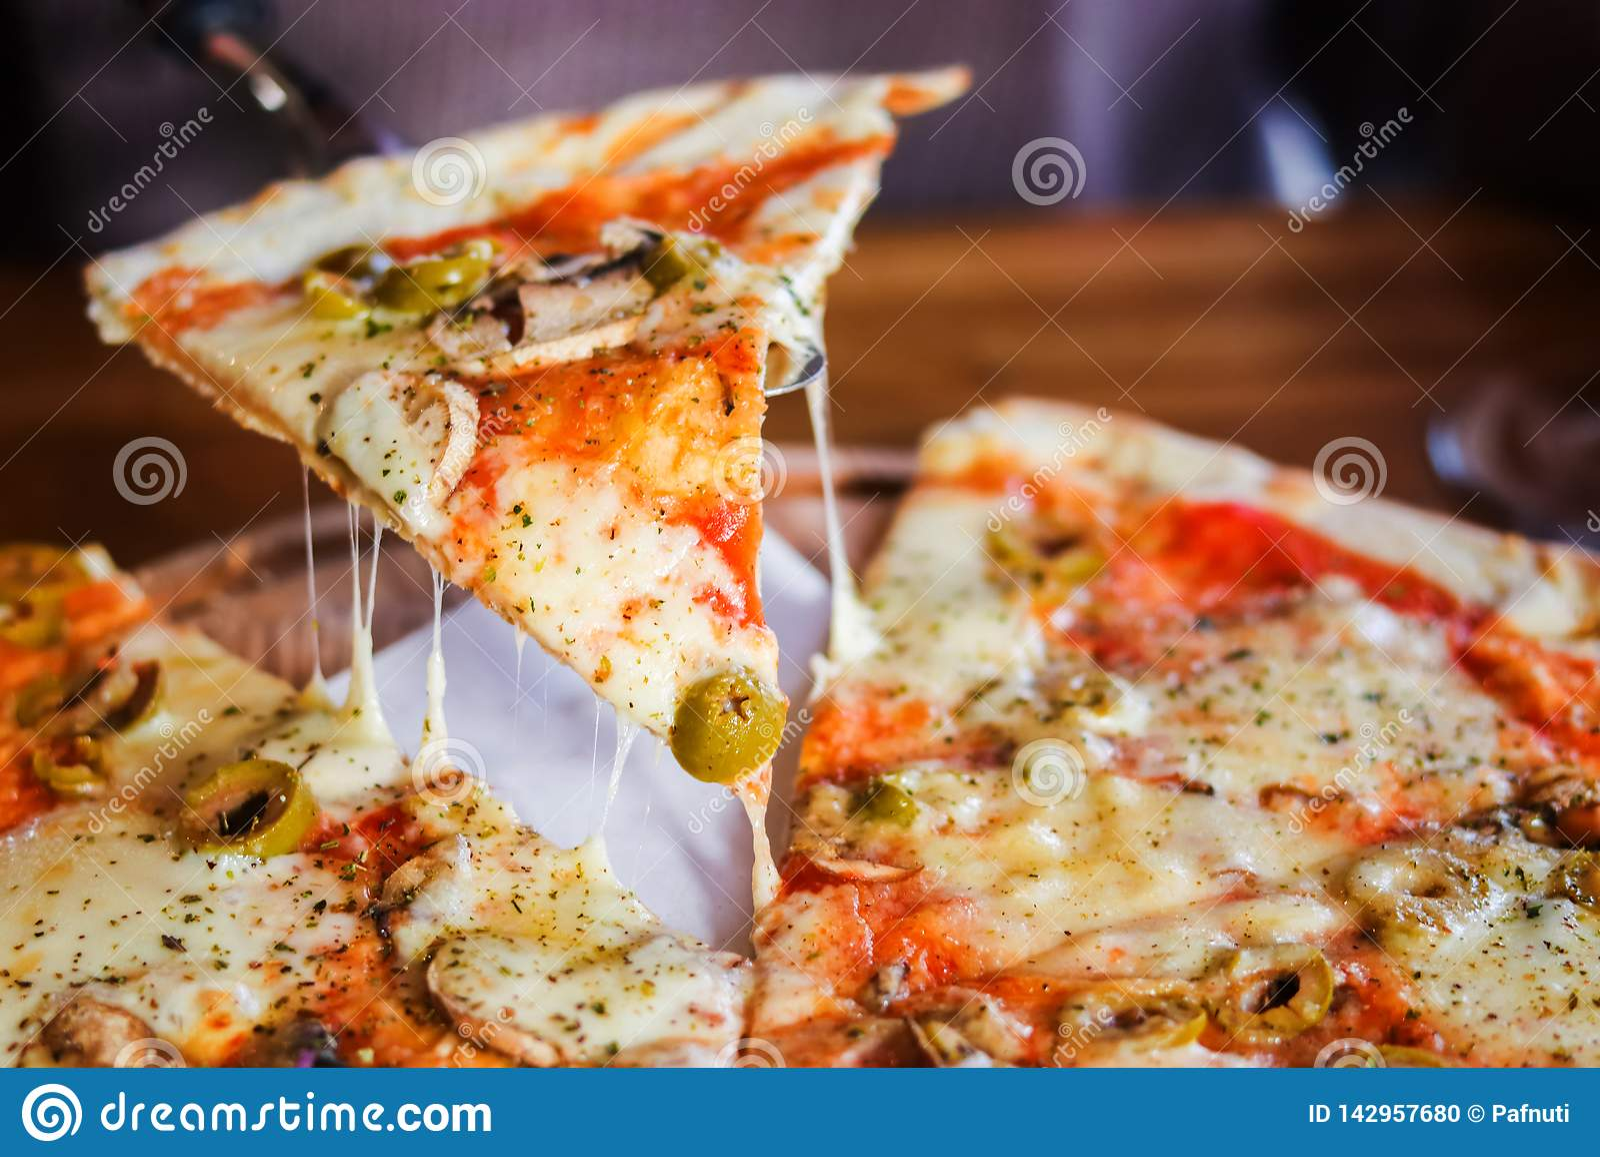 特写镜头 在黑暗的背景的素食比萨